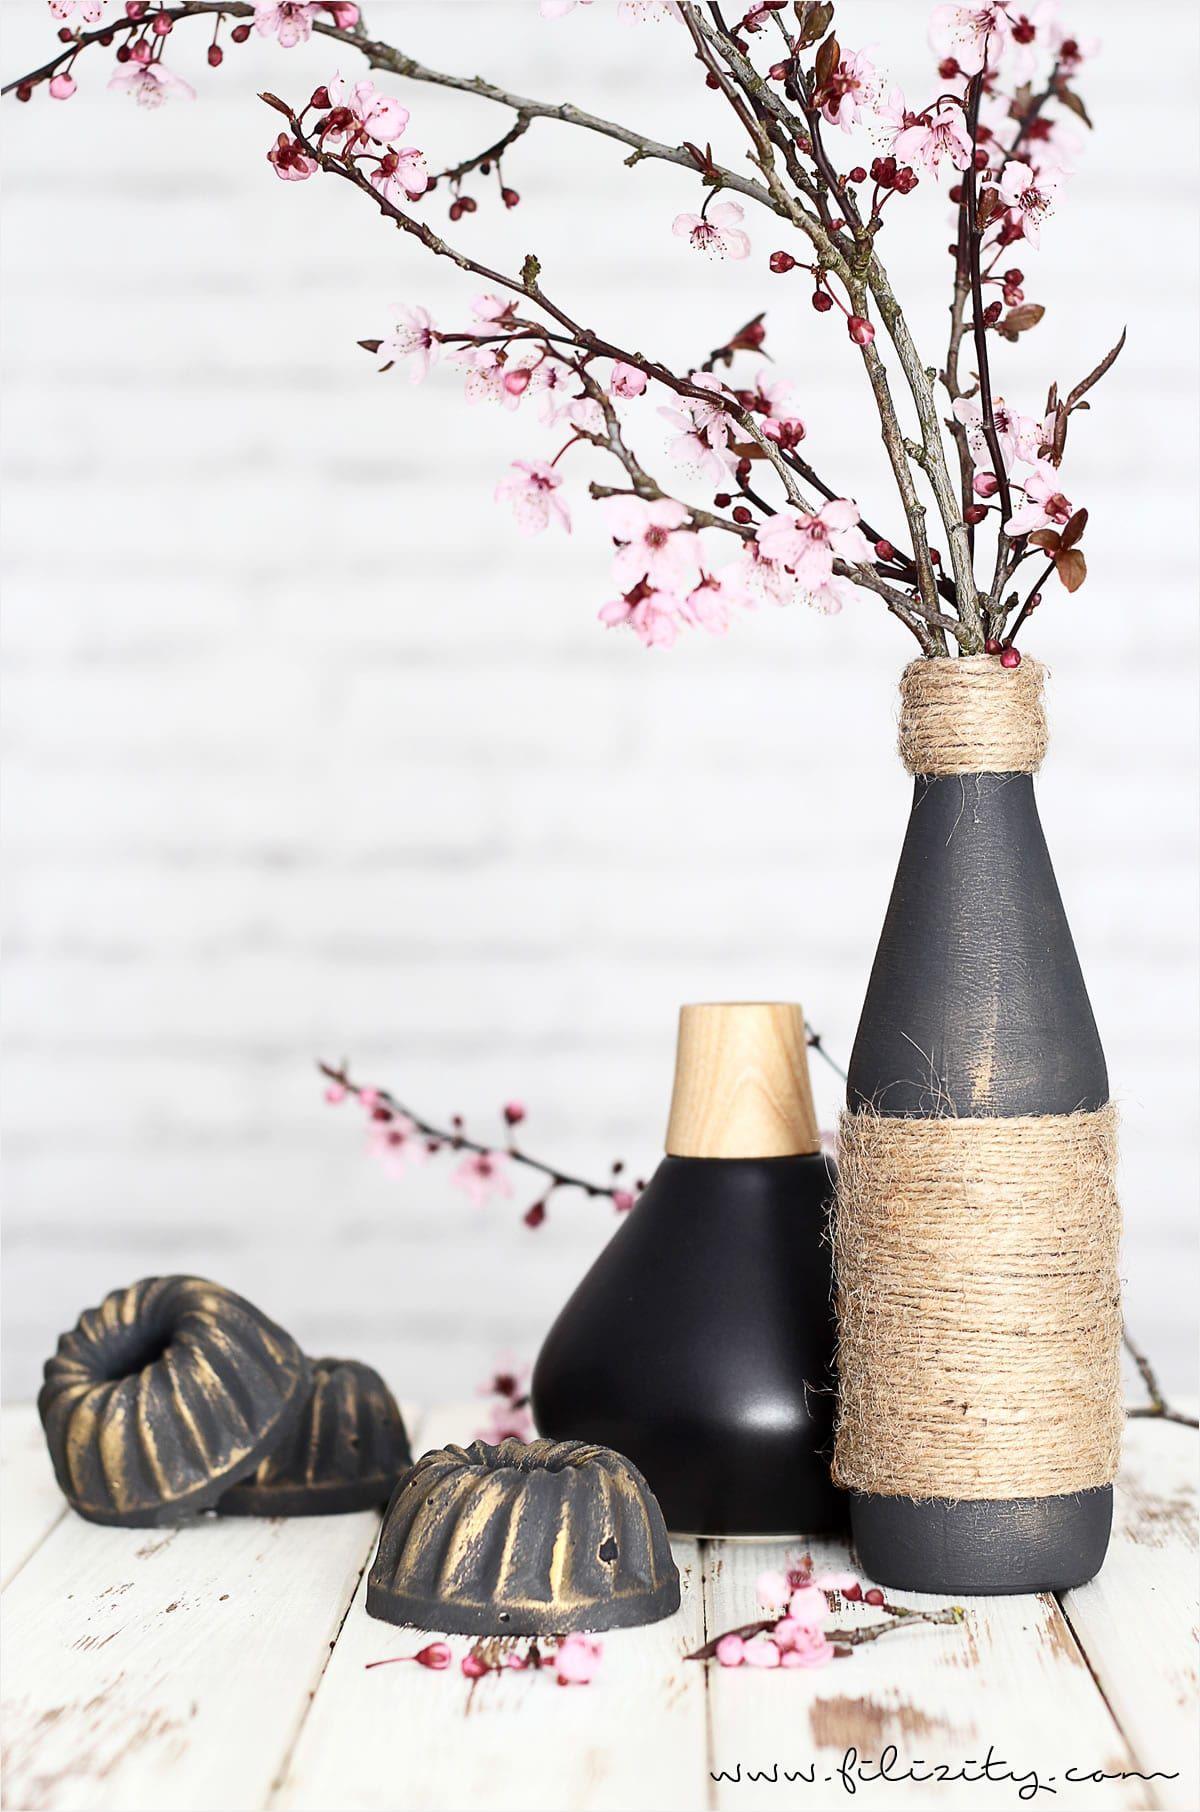 Edle Vasen Aus Flaschen Und Jutegarn Filizity Com Interior Diy Blog Aus Dem Rheinland Flaschen Dekorieren Flaschen Dekoration Deko